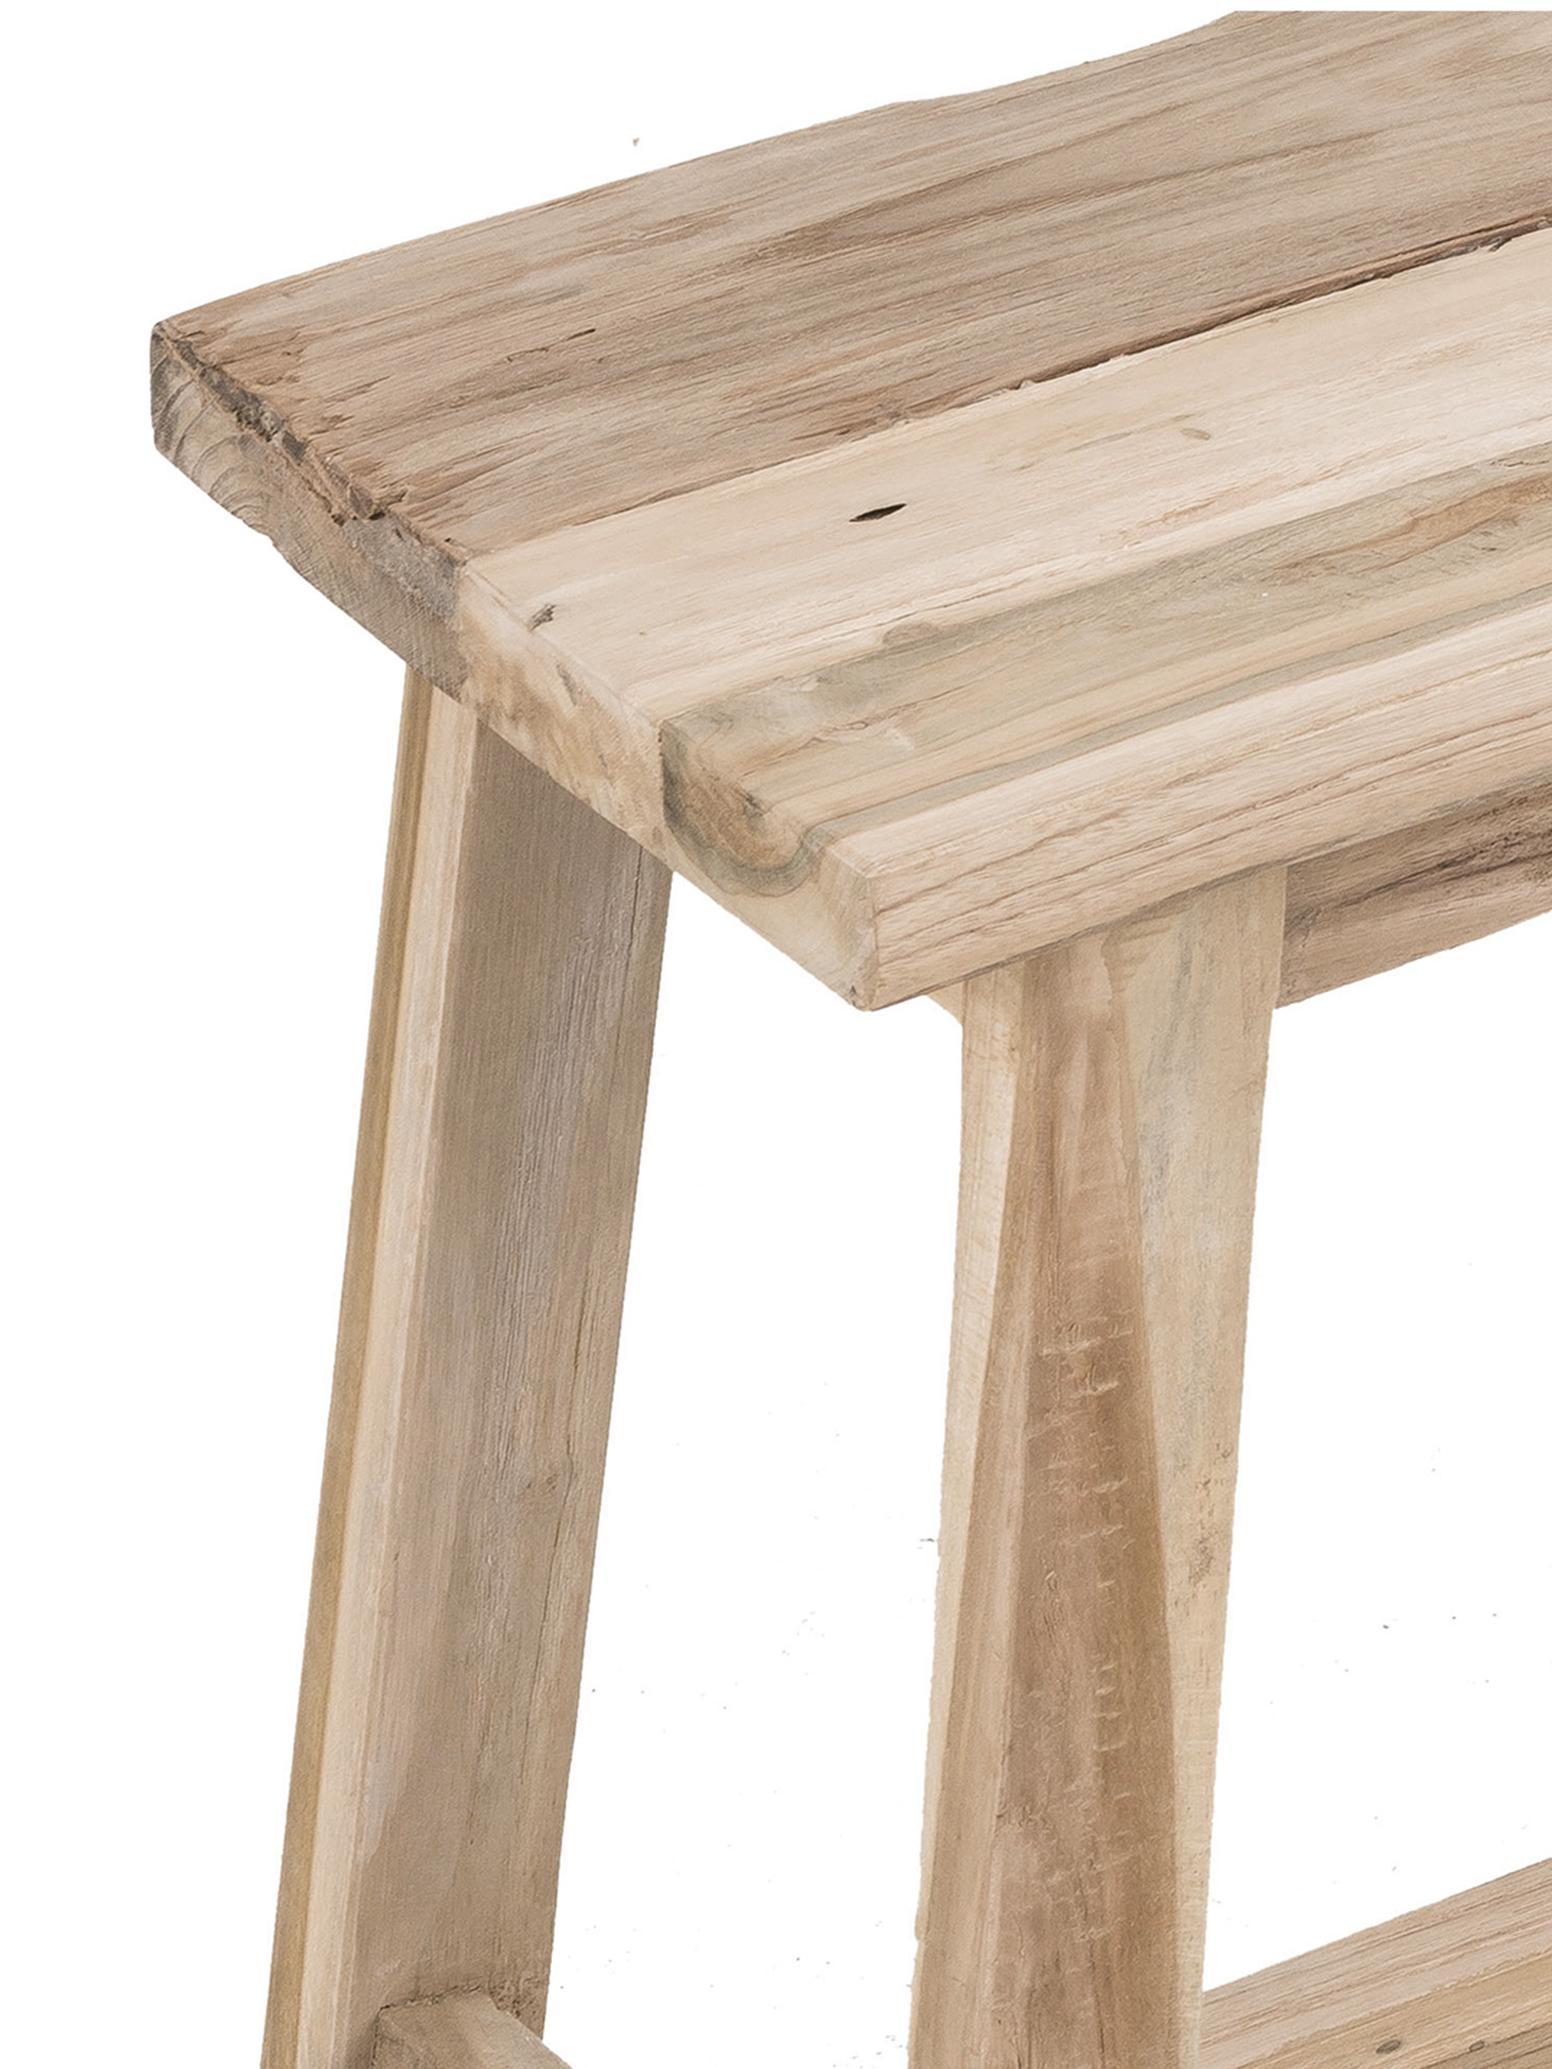 Taburete de madera de teca Lawas, Madera de teca natural, Teca, An 50 x Al 46 cm